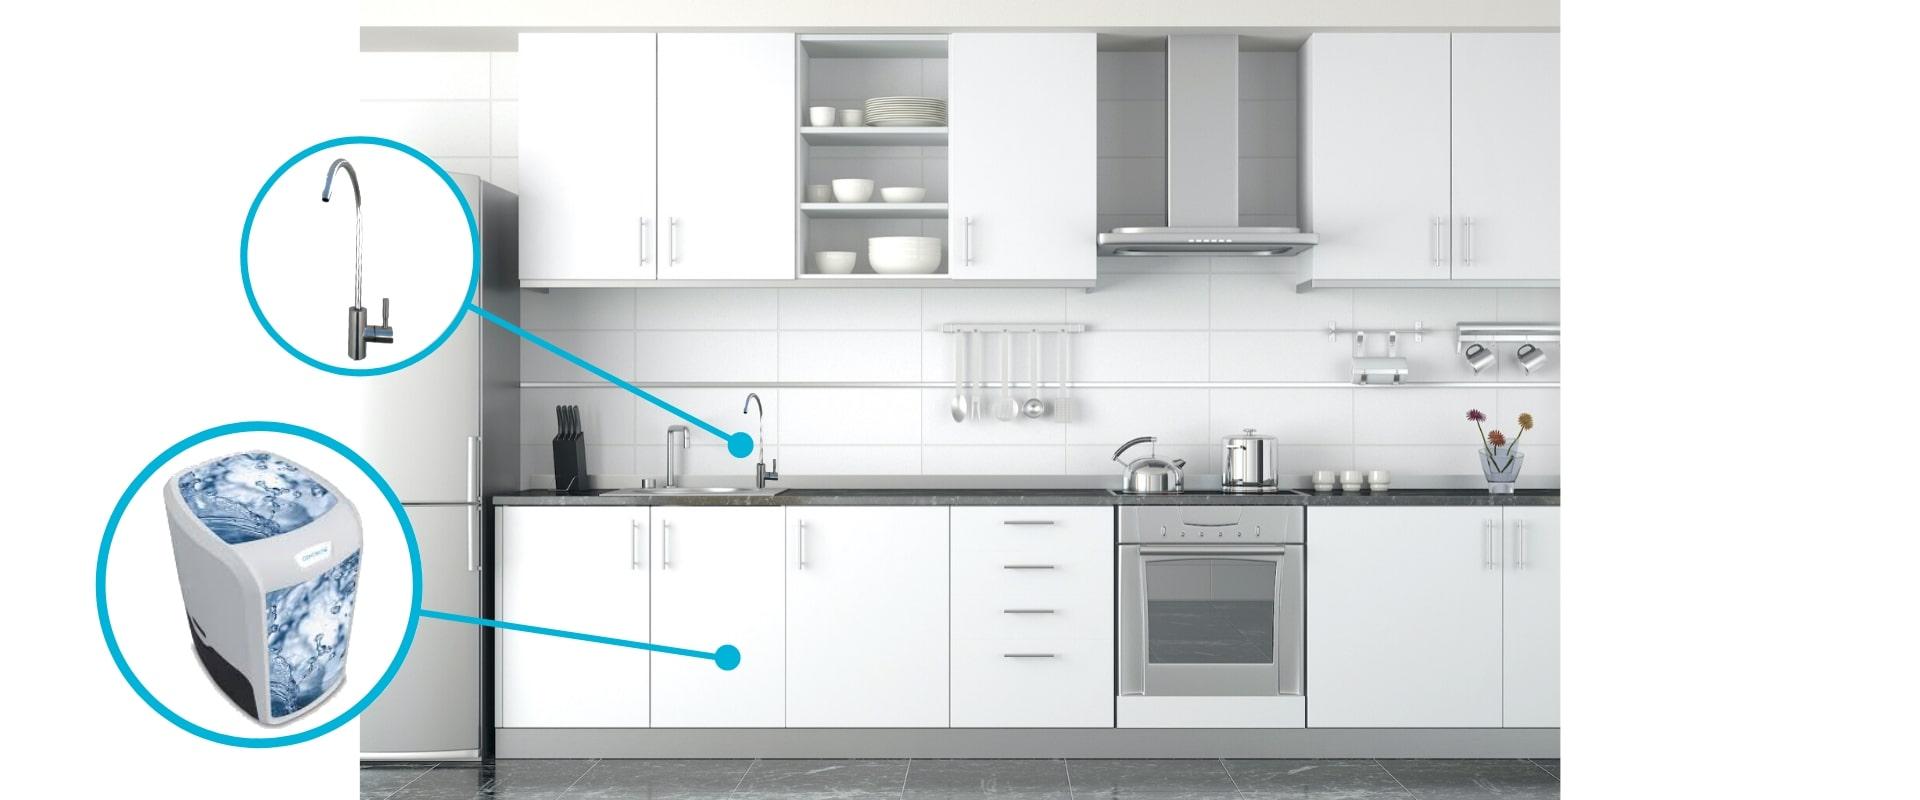 Osobasic-maquina-de-filtragem-de-agua-domestica da companhia